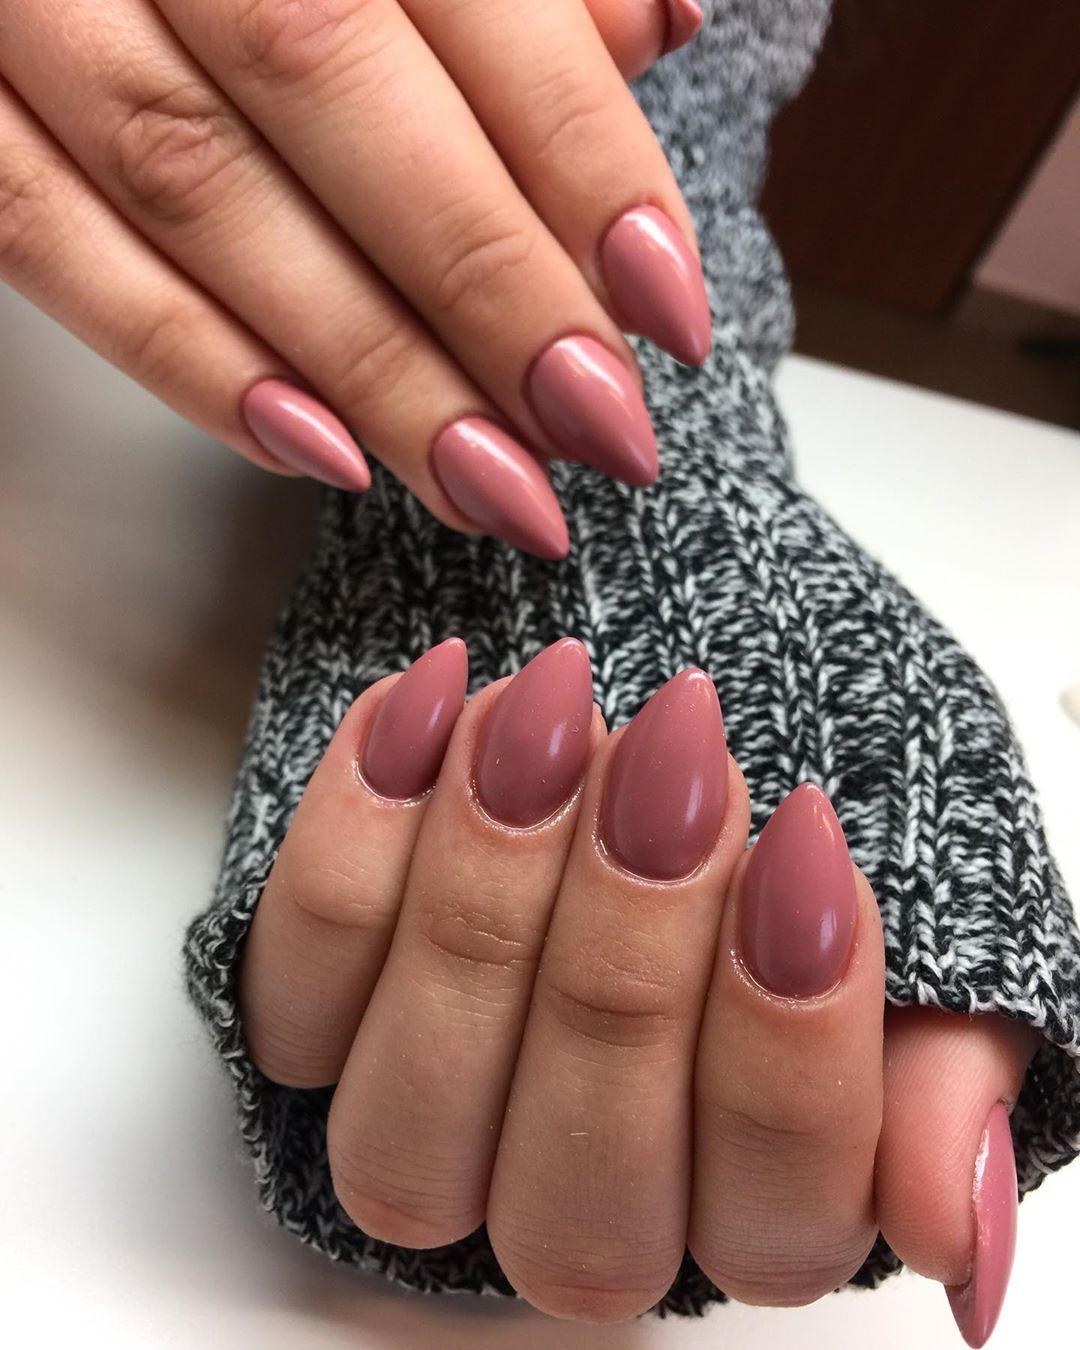 Nail Art Gems Hand Nail Art Nail Art Tutorial Nail Shop Online Beautiful Nail Polish Designs Konad S Nail Art Design Gallery Nail Art Games Nail Art Tutorial